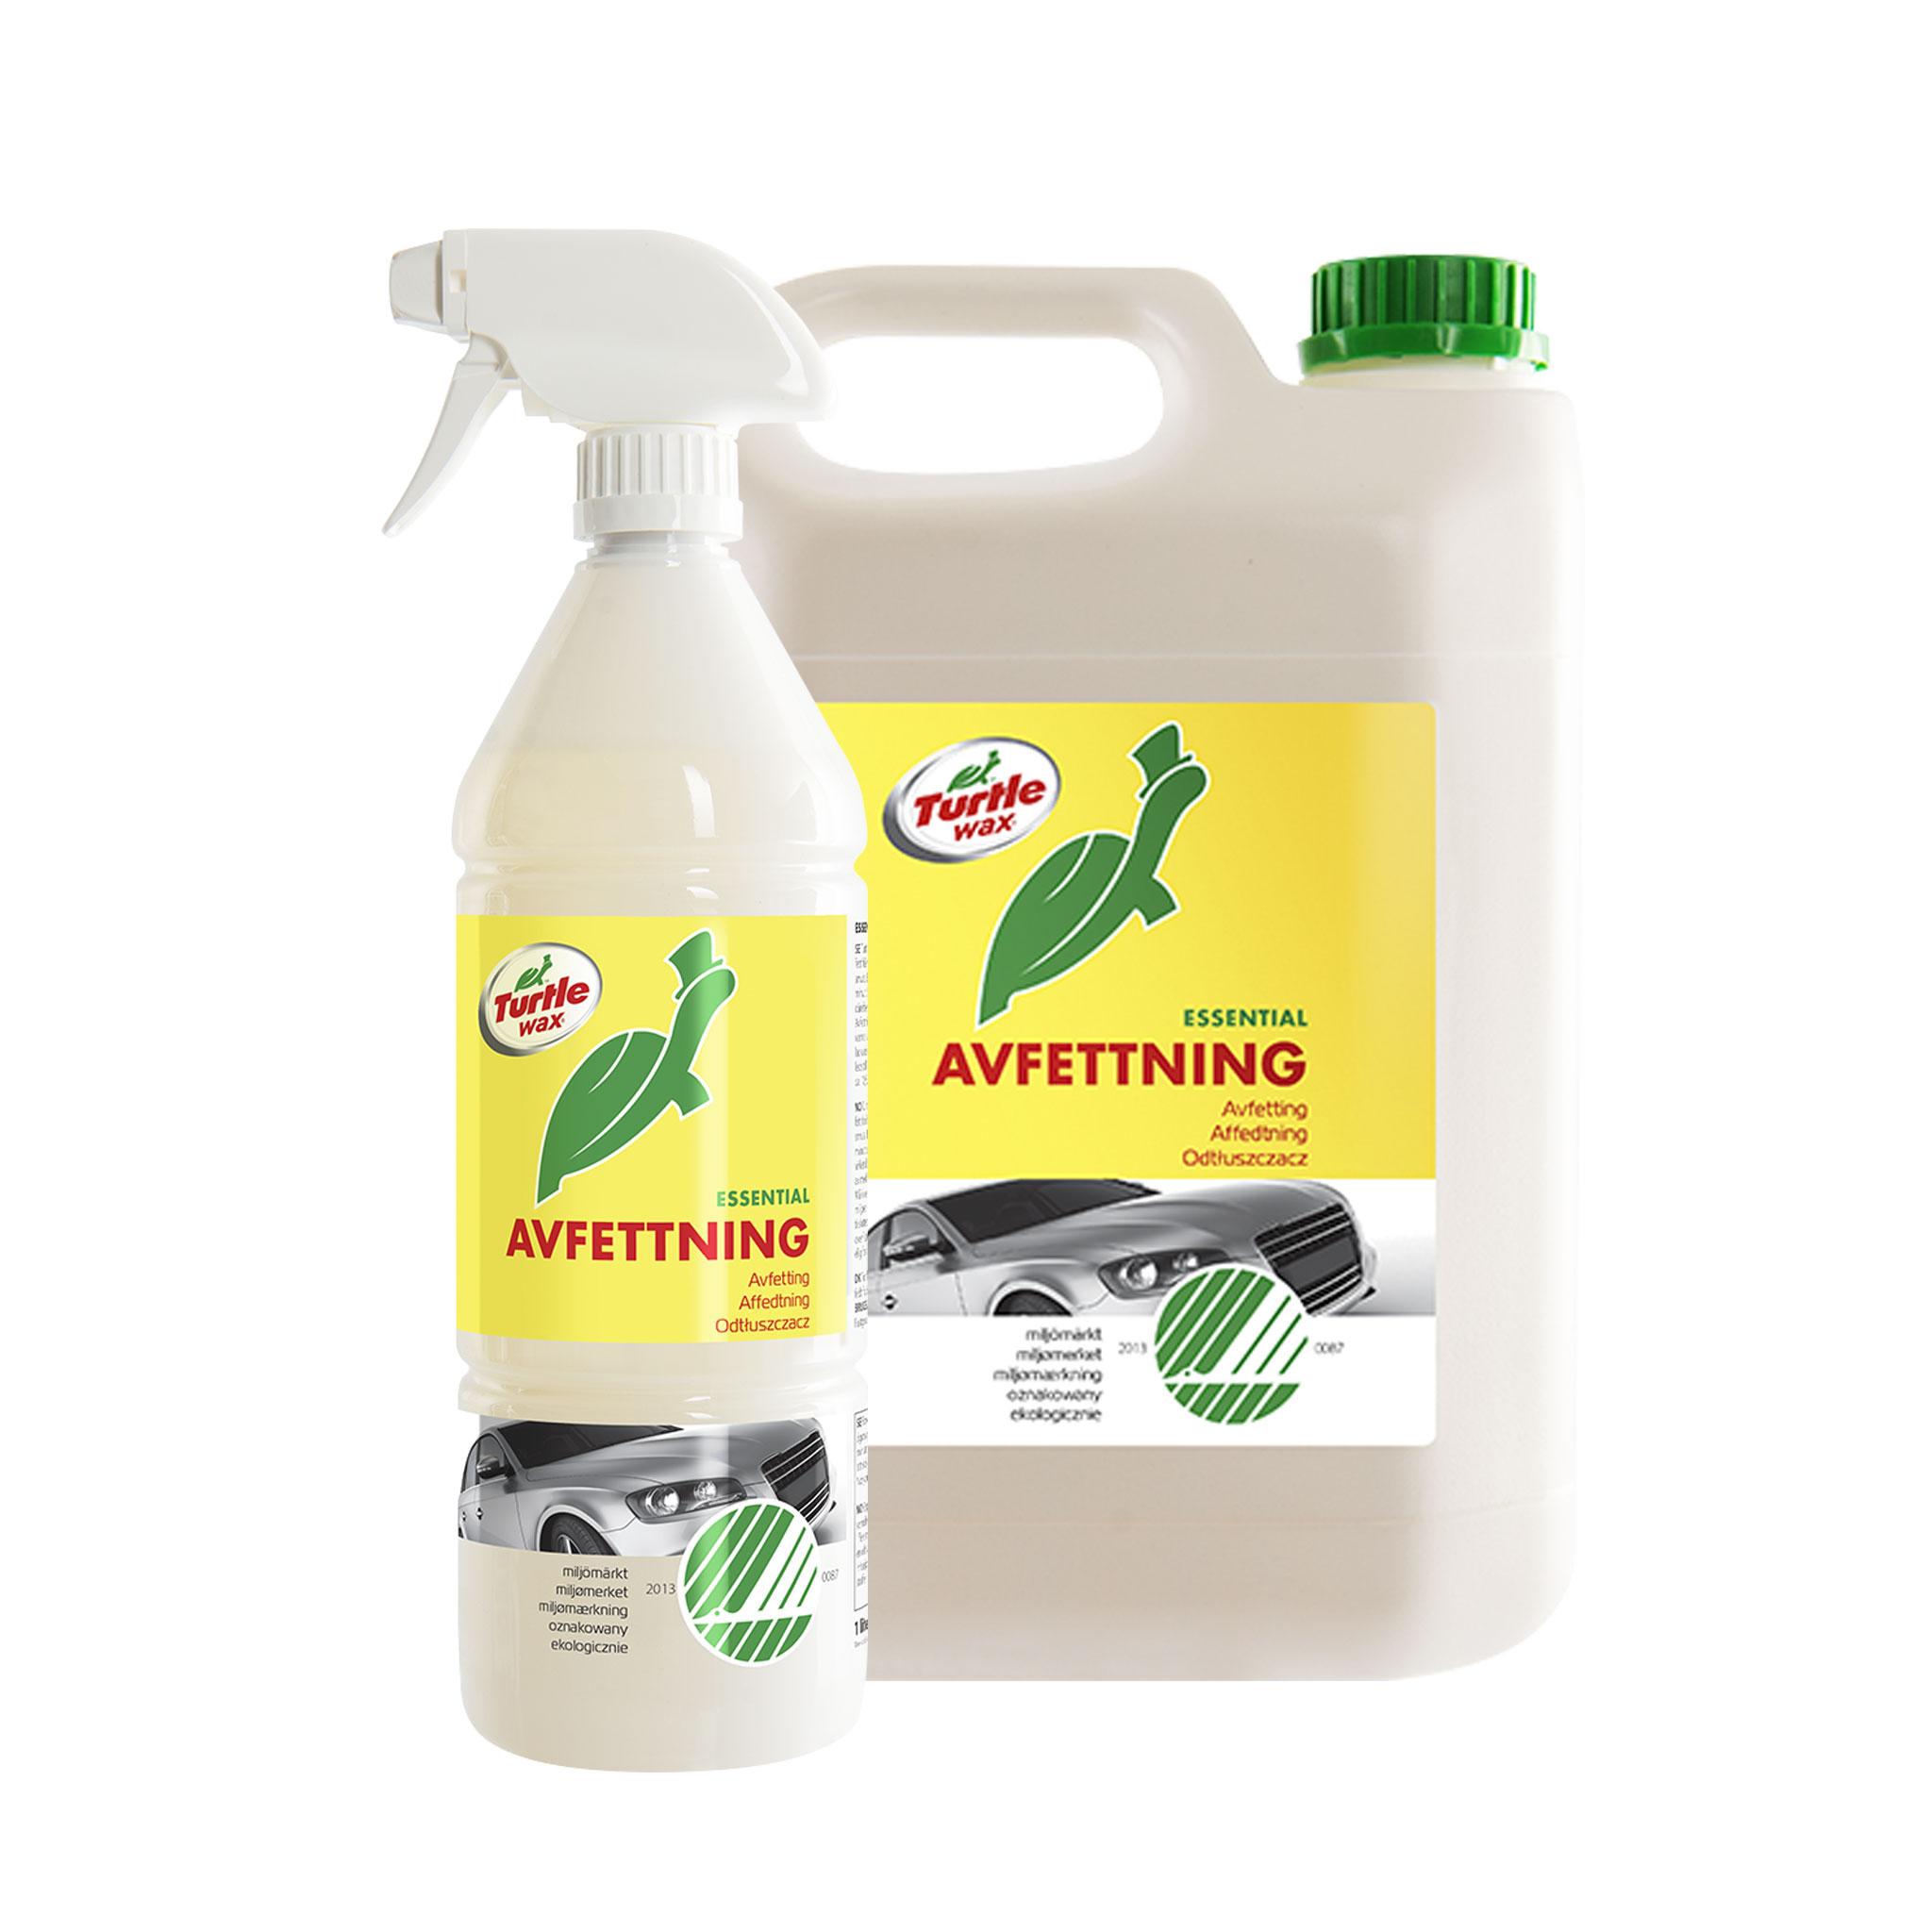 Förtvättsmedel Turtle Wax Avfettning Svanenmärkt, 1000 ml / Spray